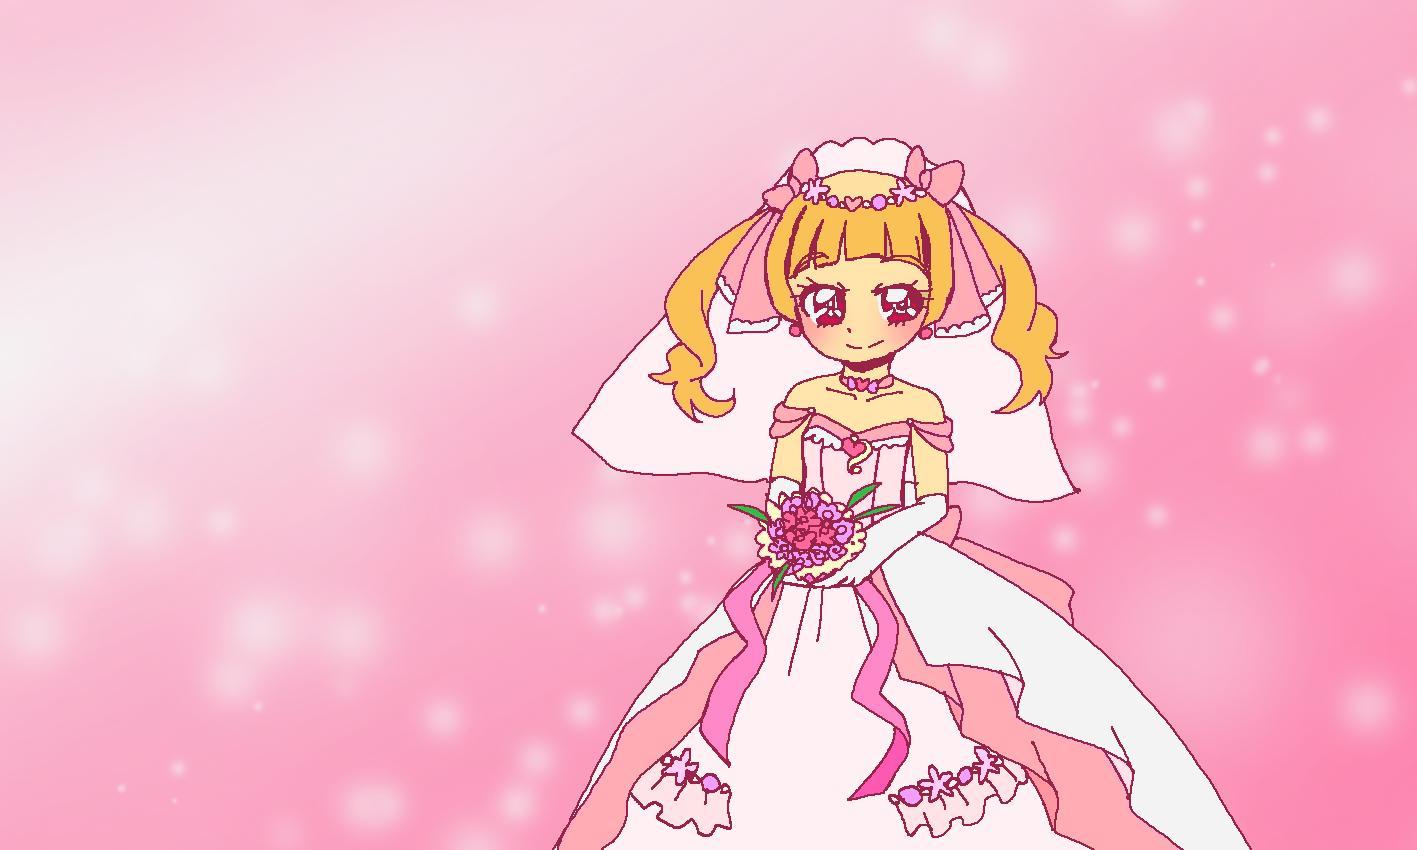 えみルル☆ルン! (@Pri7para)さんのイラスト